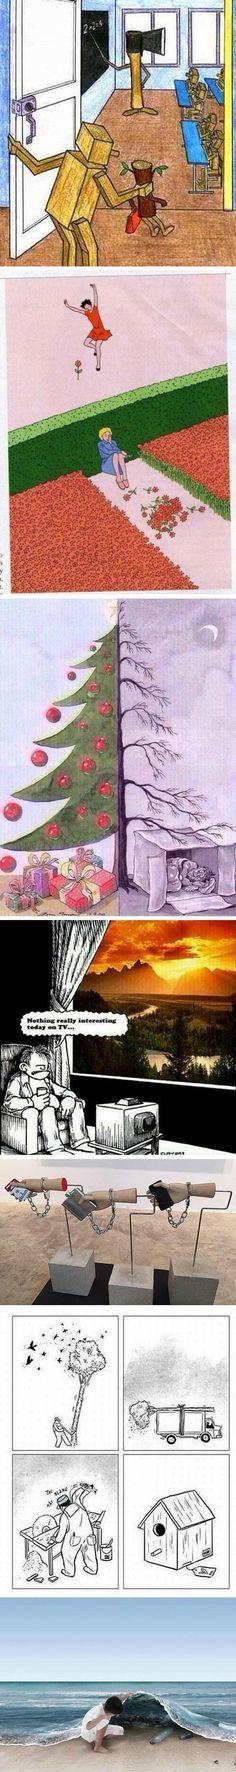 Otra imagen que demuestra la realidad de este mundo :'(